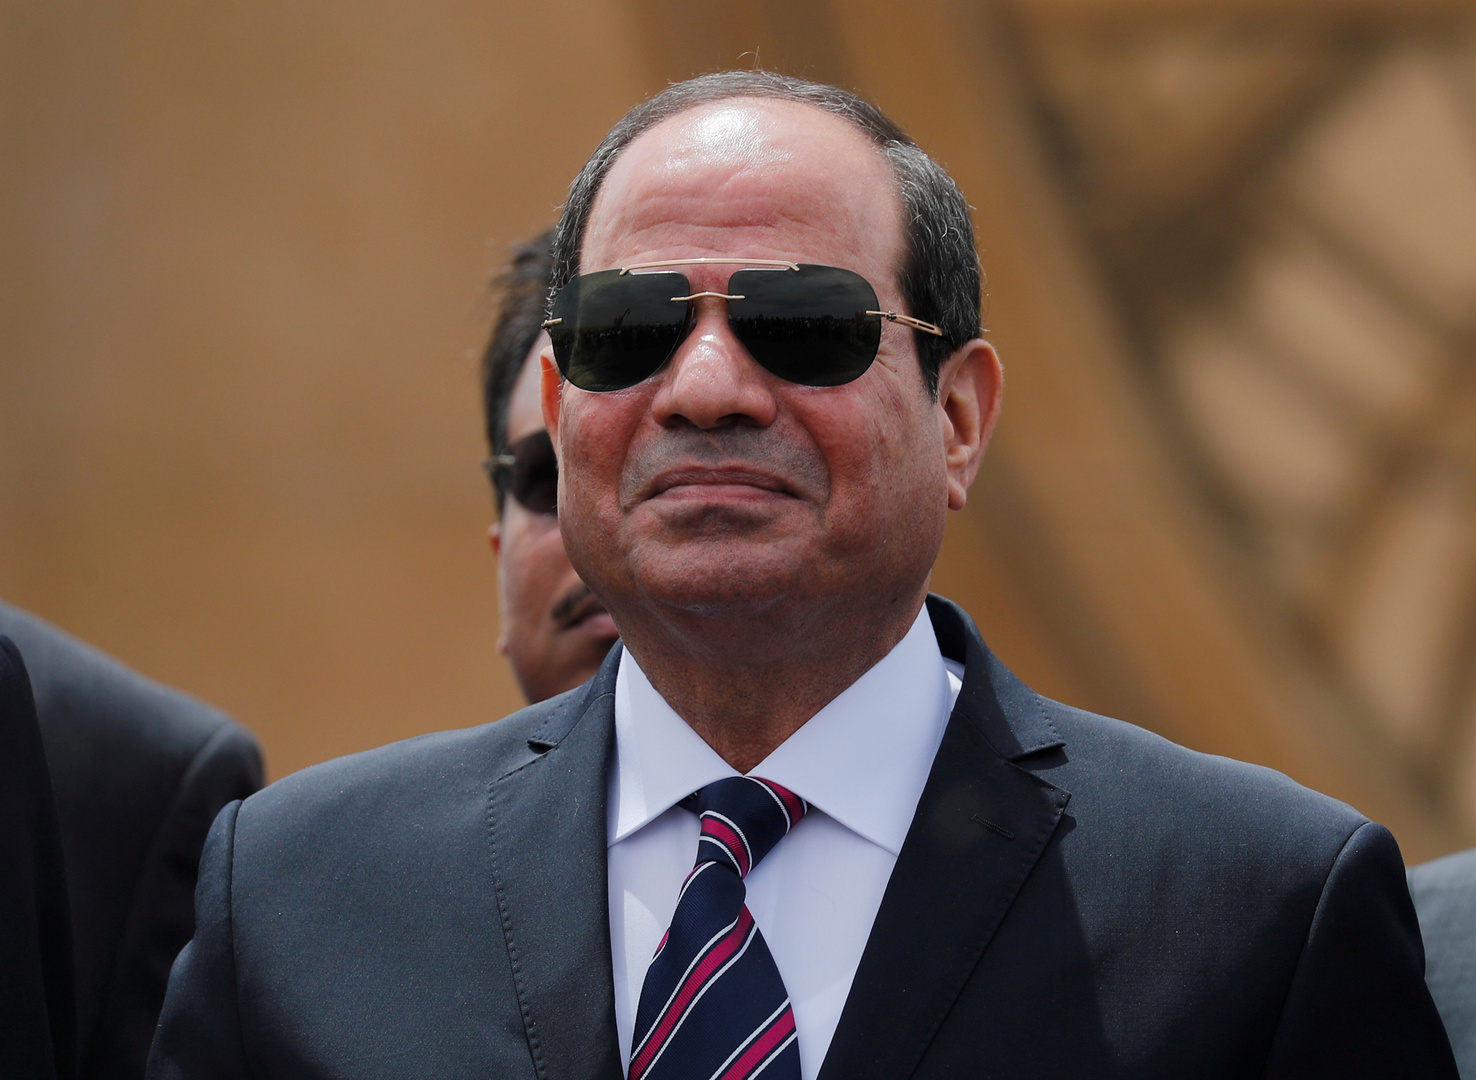 السيسي يفتتح أكبر مجمع في الشرق الأوسط يهدف لمحاربة الفساد